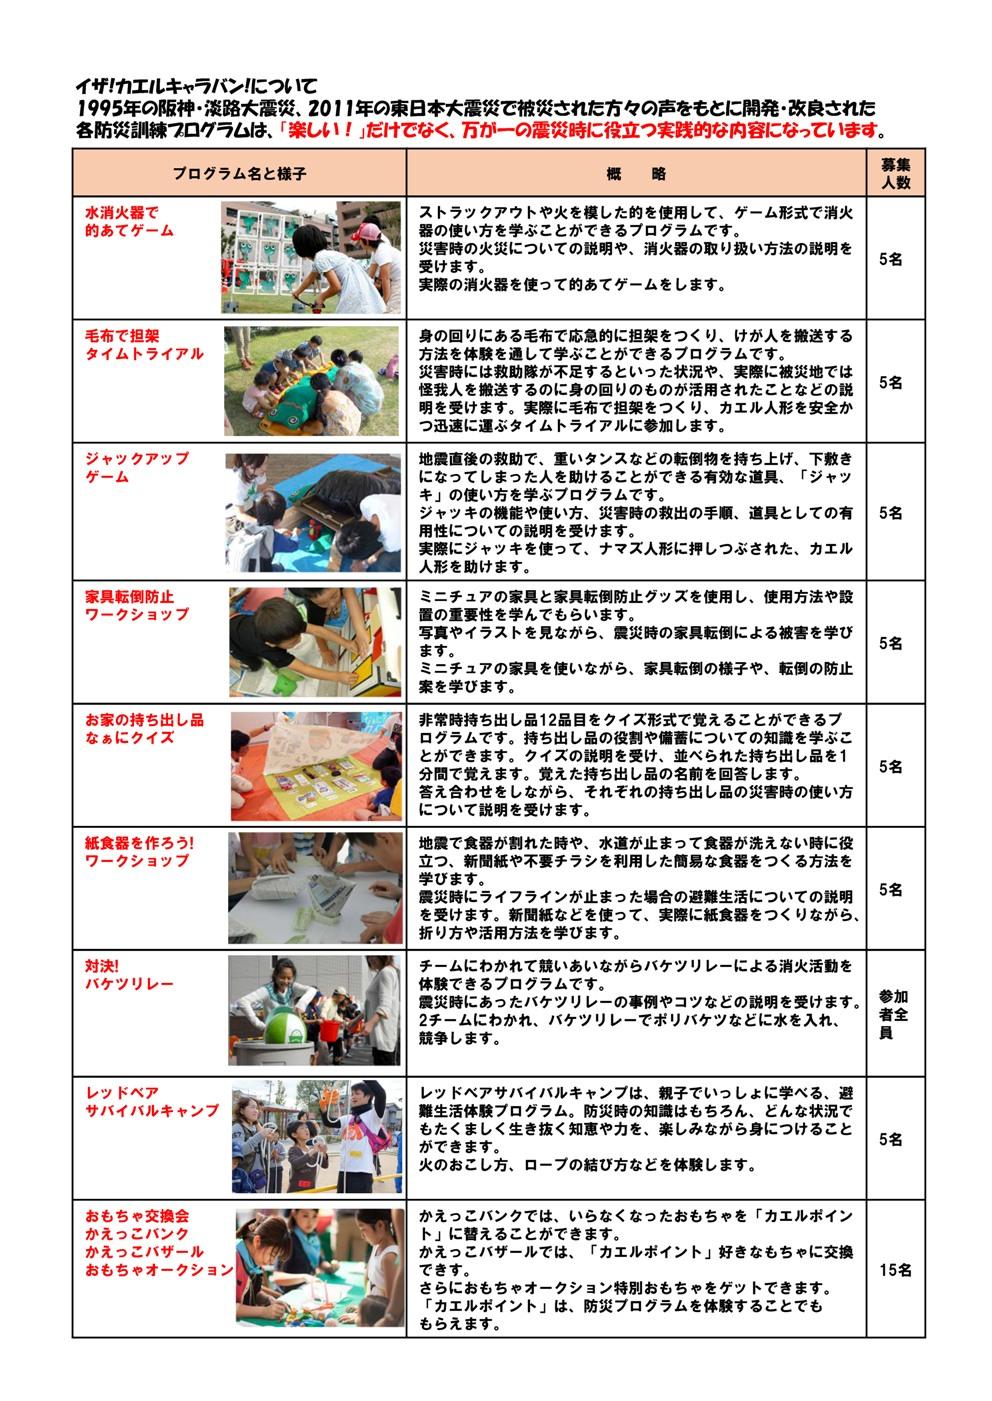 20190831_「扇町防災フェス2019」サポーター募集チラシ(ver0.2) (1)_ページ_2